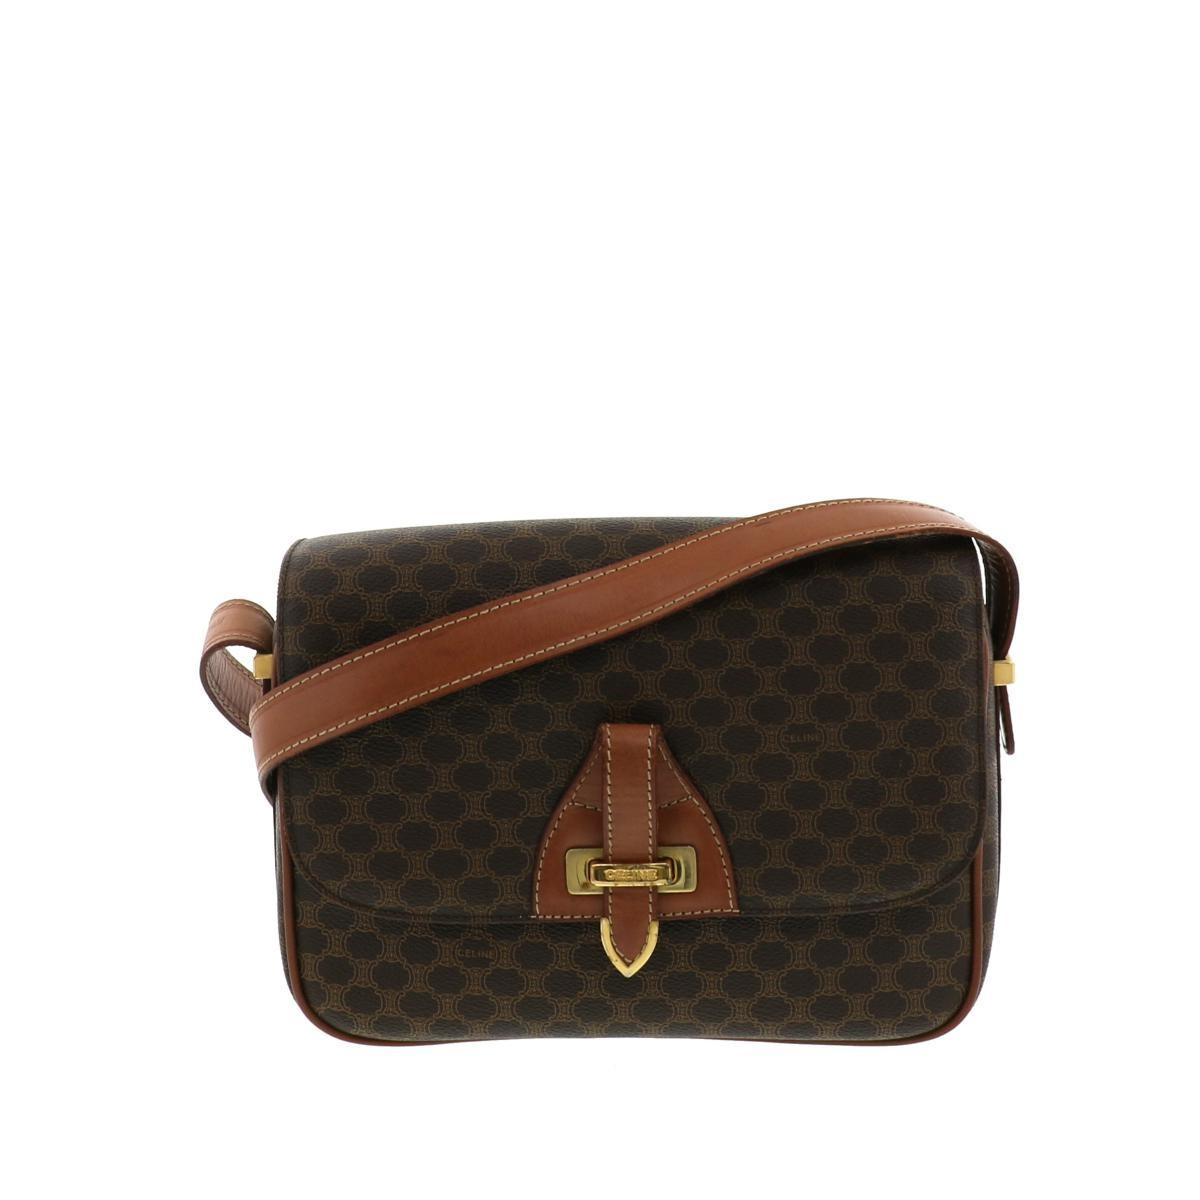 【中古】セリーヌ マカダム ショルダーバッグ ブラウン CELINE Macadam Shoulder Bag Brown